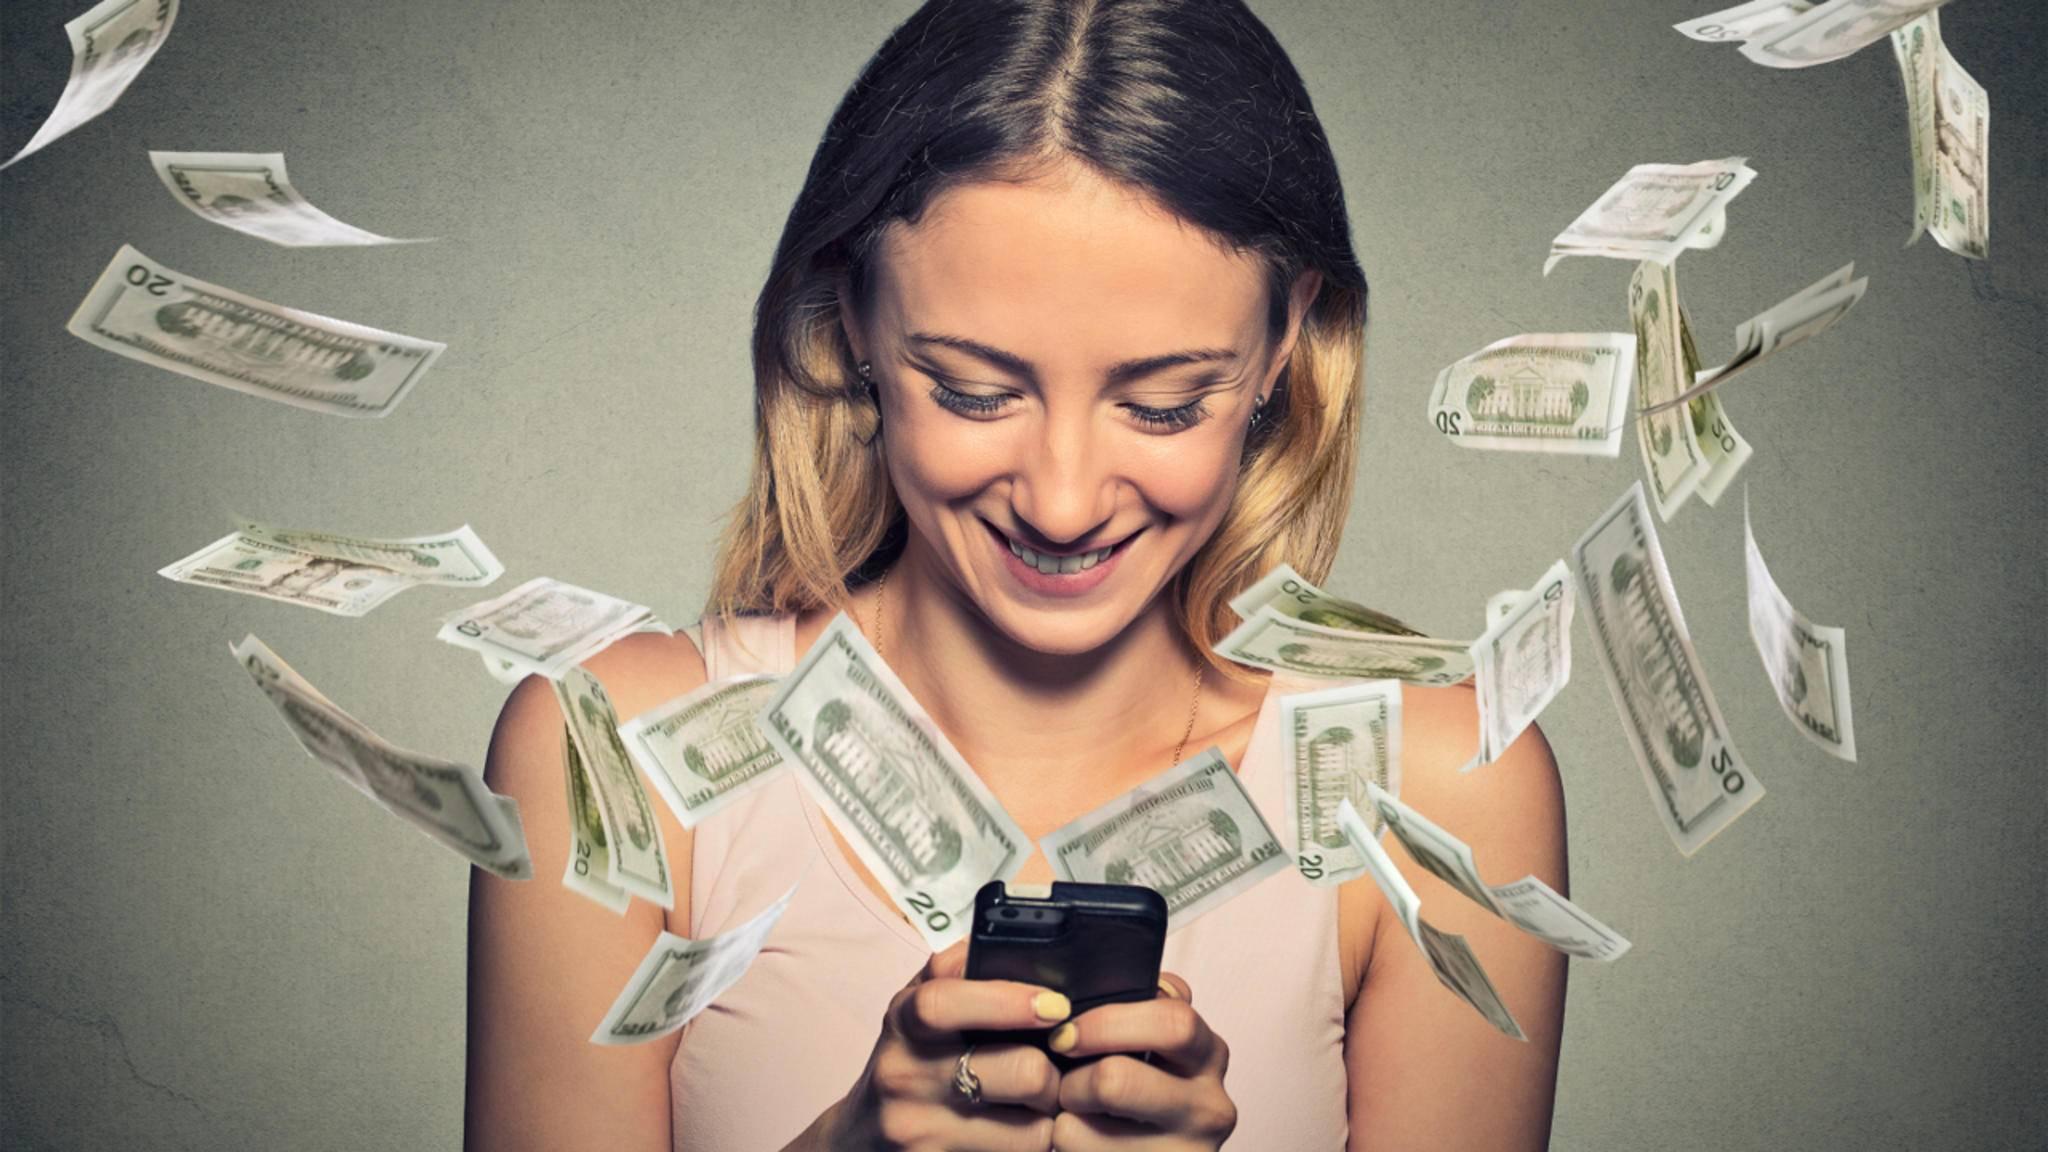 Die teuersten Apps der Welt kosten bis zu 1000 Euro.